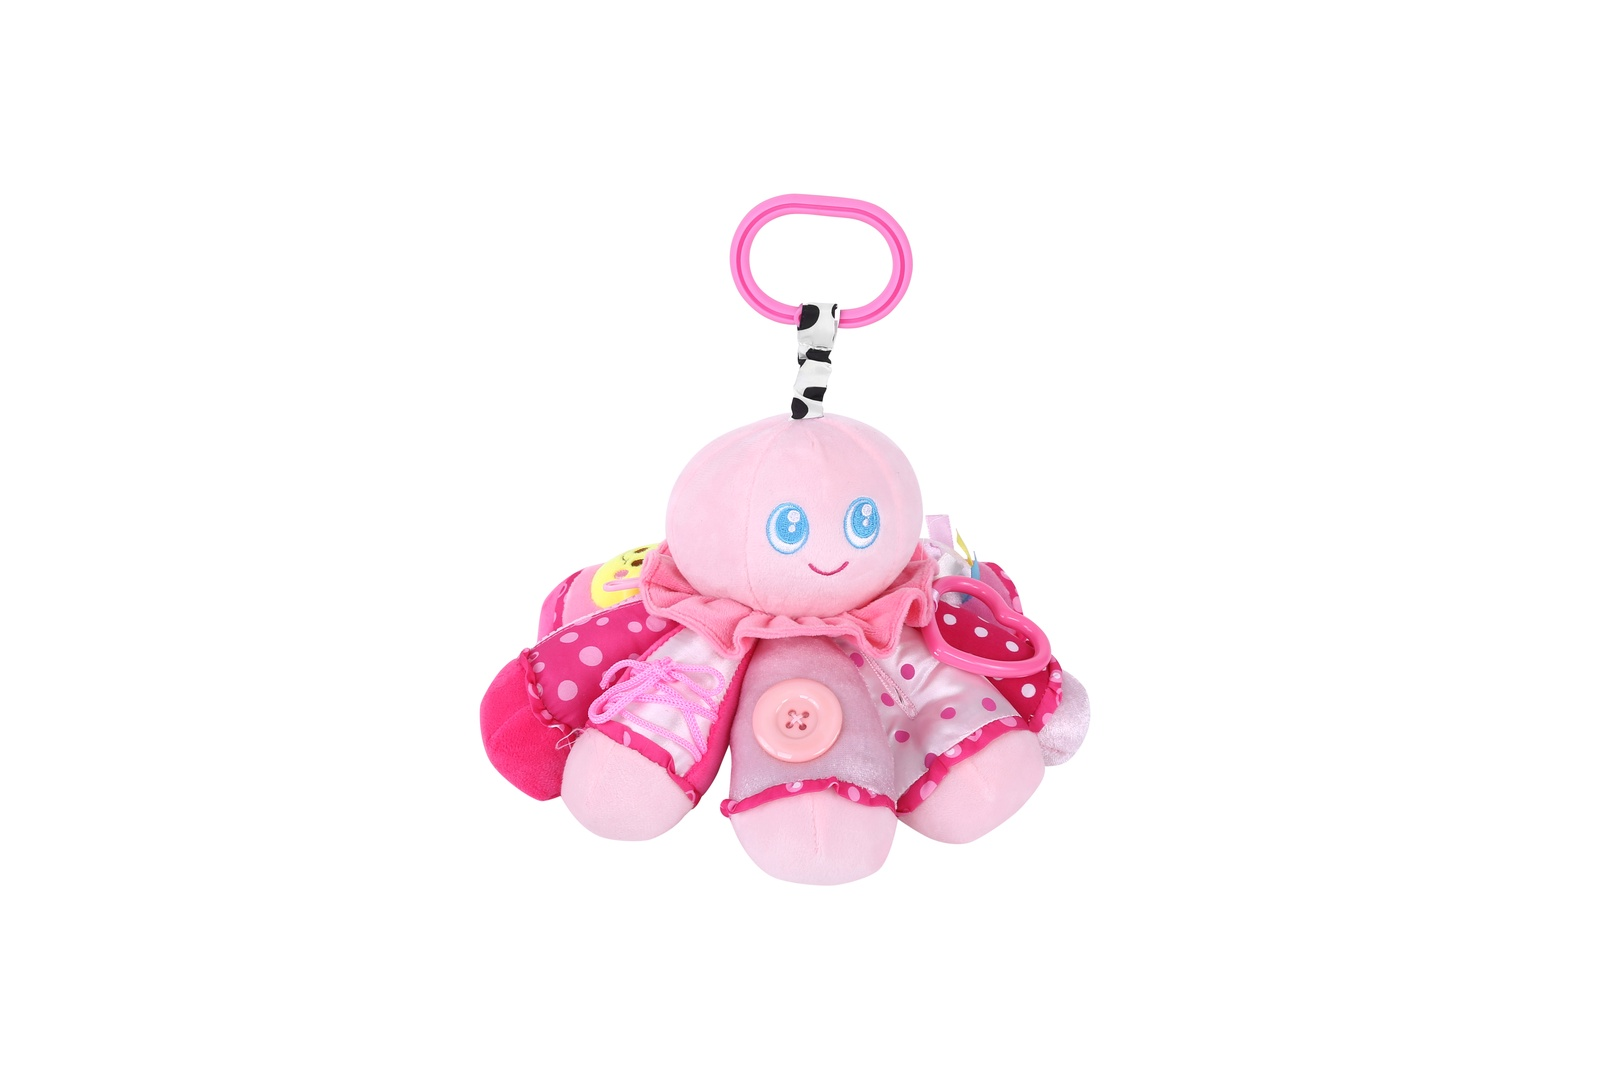 Игрушка-подвеска Lorelli toys 1019112 развивающая игрушка lorelli toys слоник 1019117